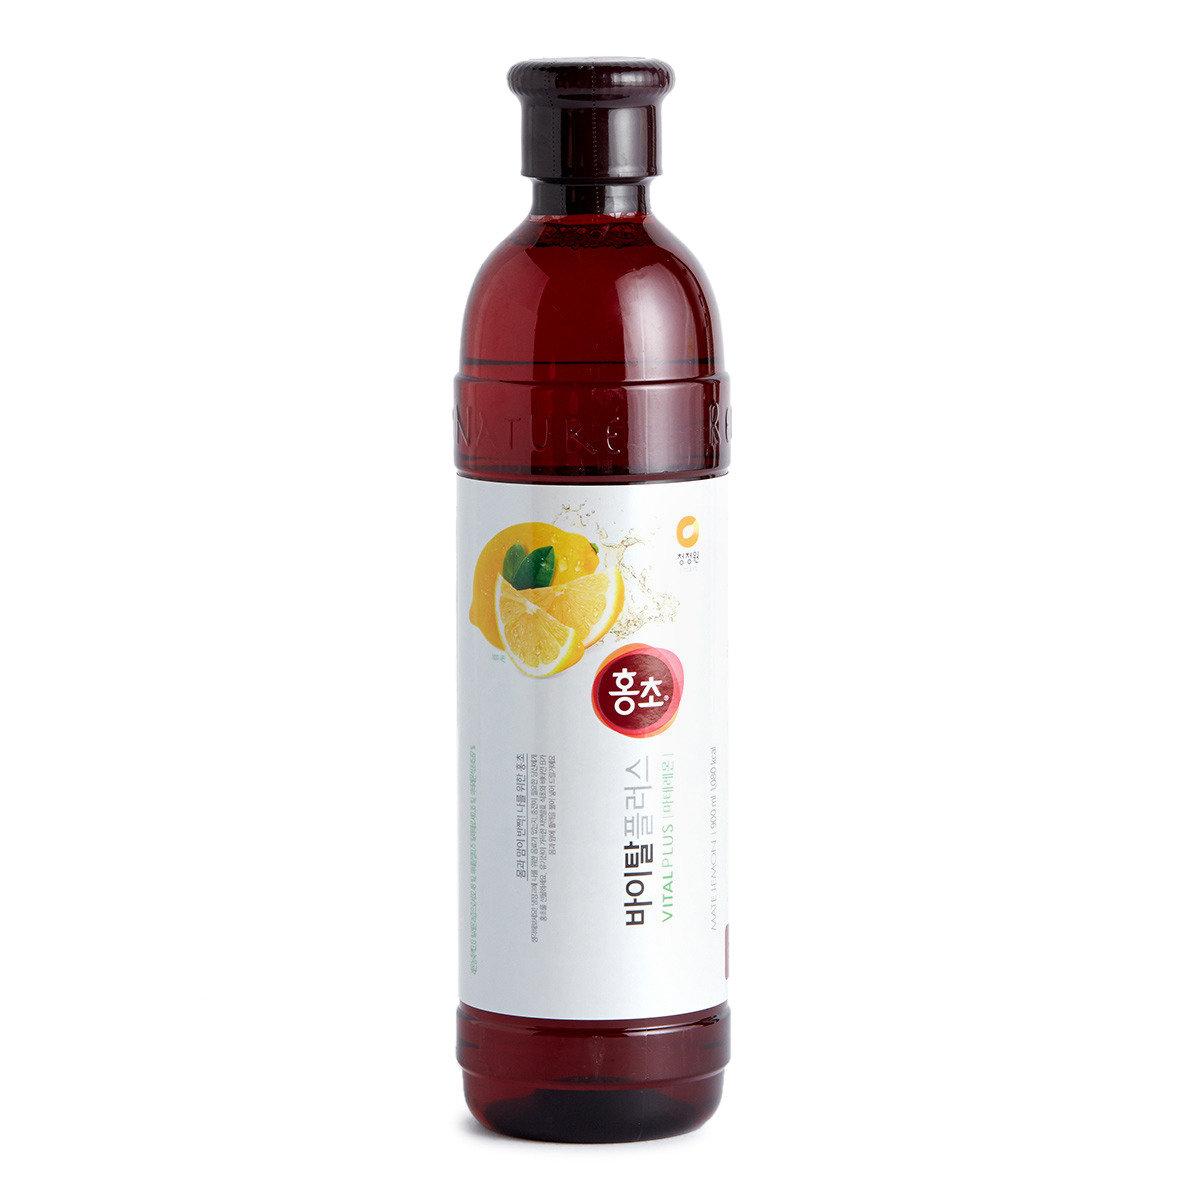 紅醋飲料 - 瑪黛檸檬味